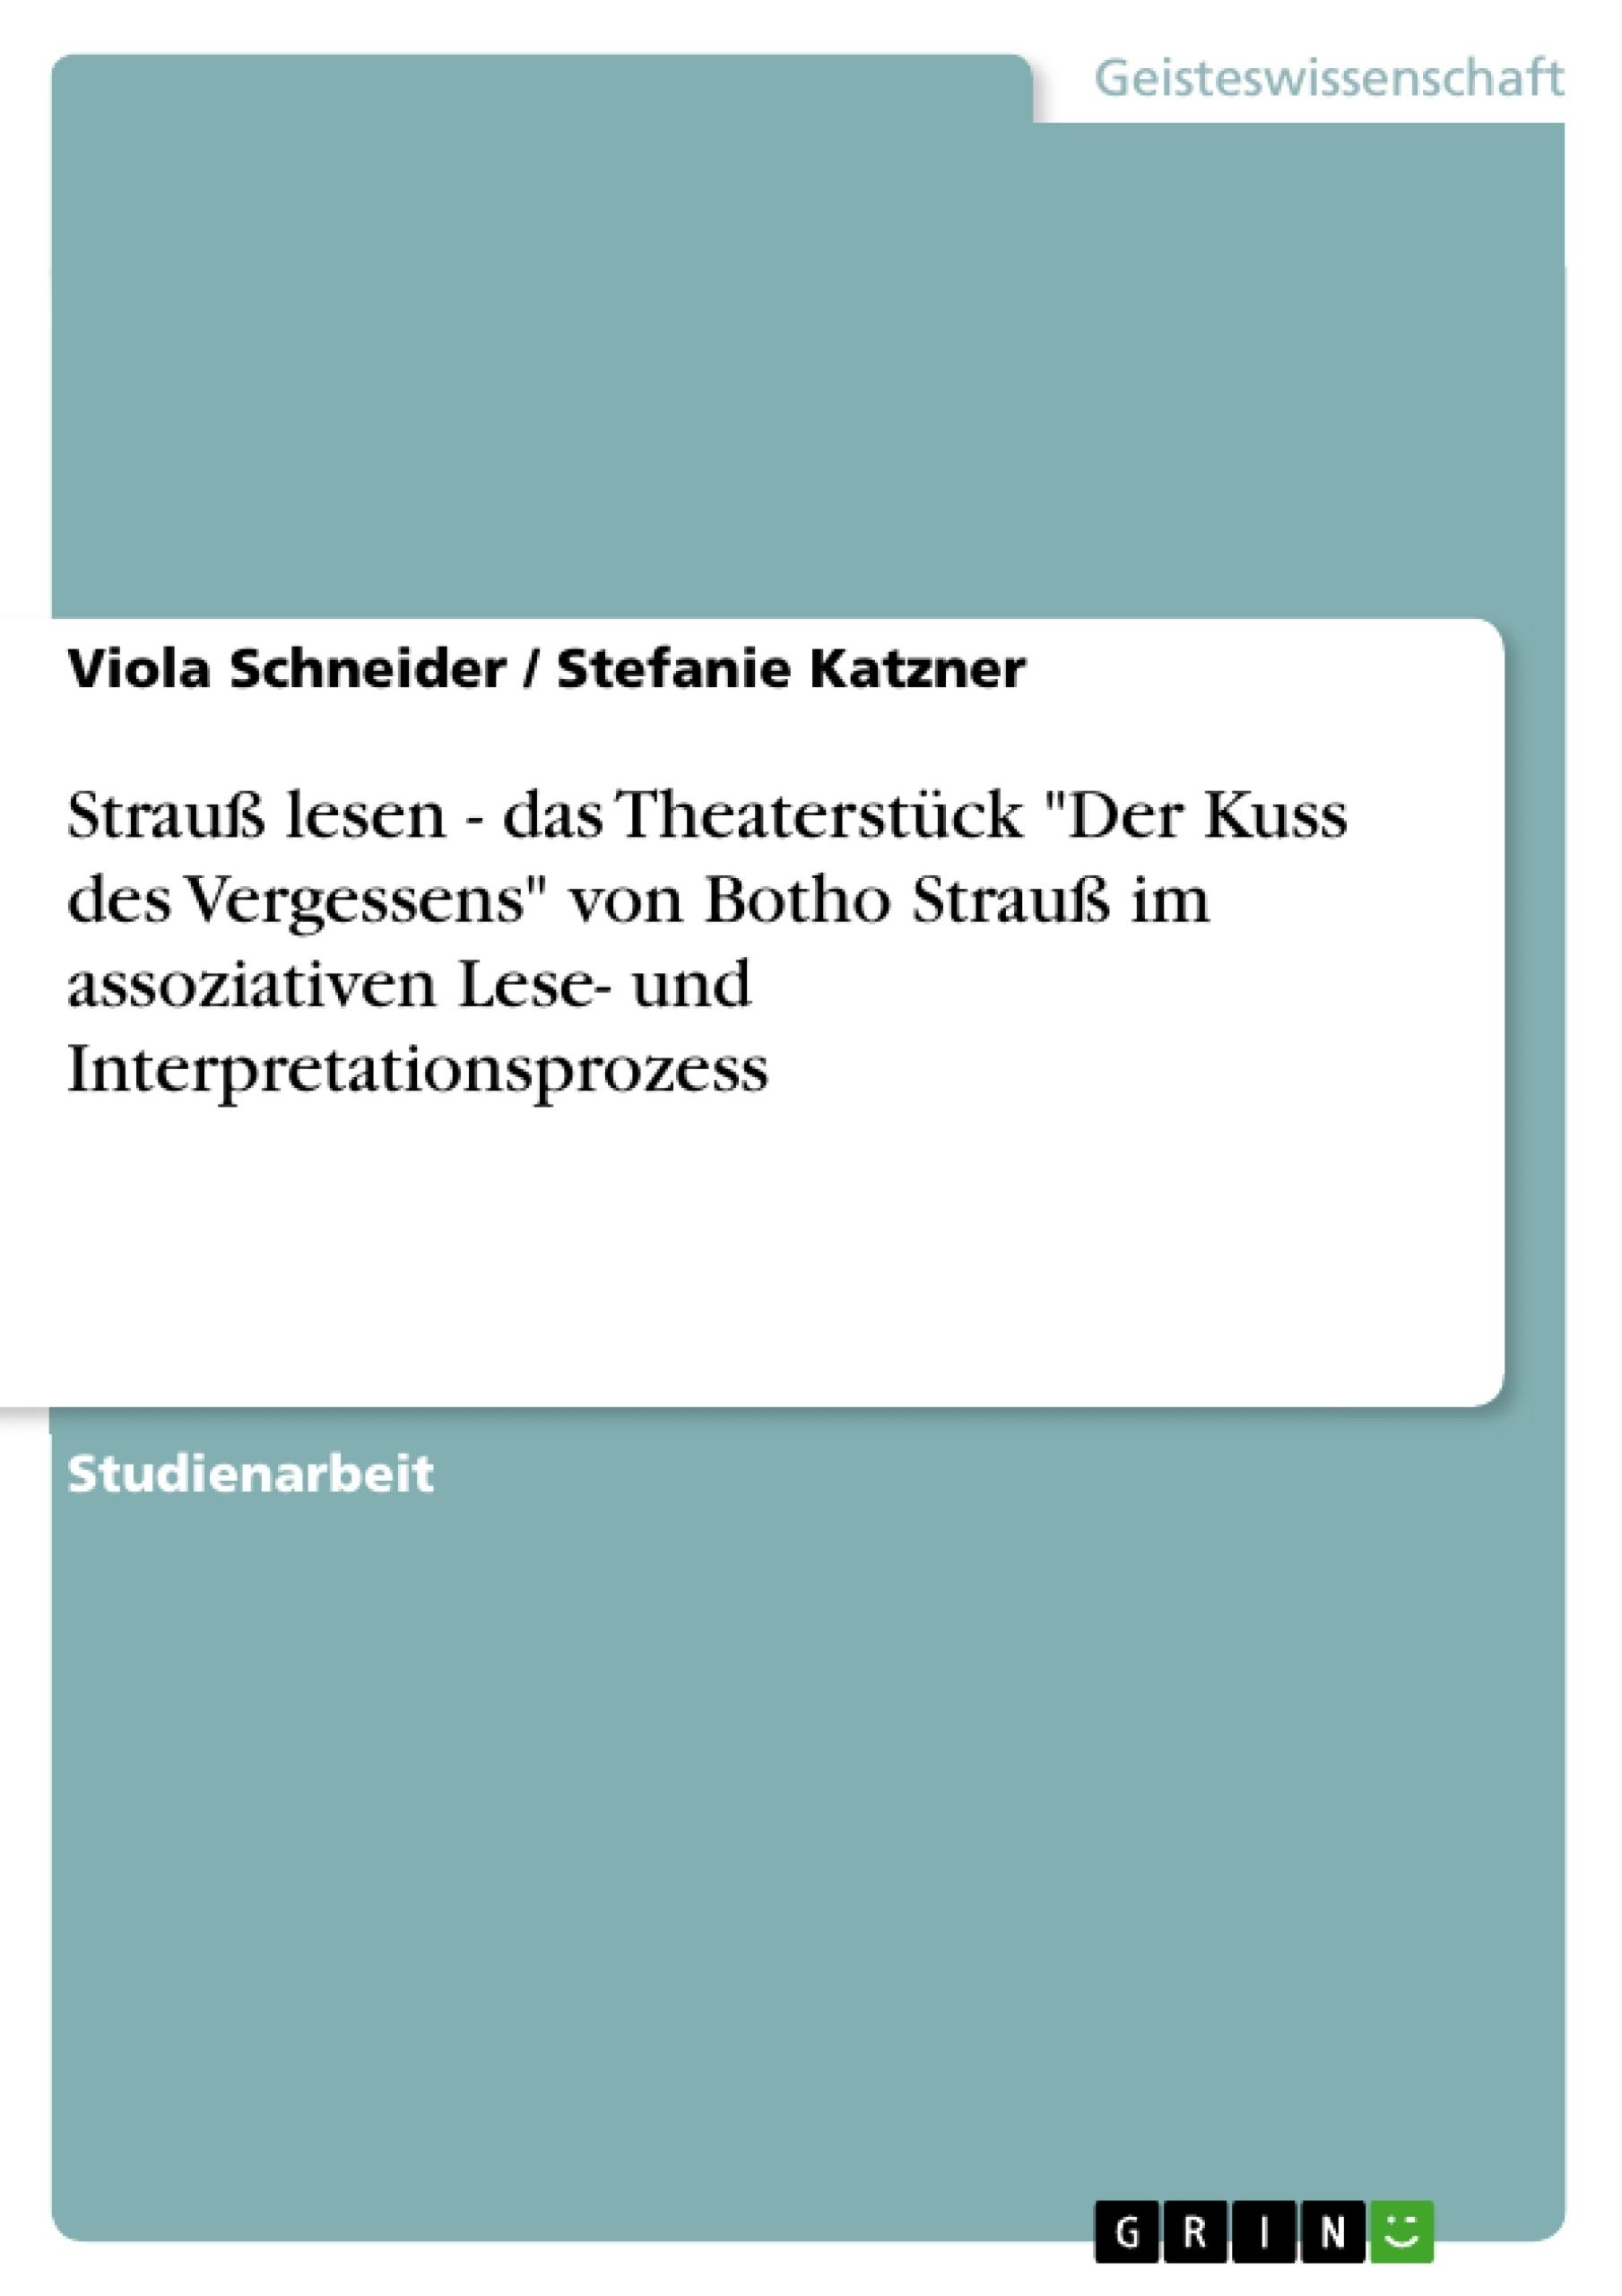 """Titel: Strauß lesen - das Theaterstück """"Der Kuss des Vergessens"""" von Botho Strauß im assoziativen Lese- und Interpretationsprozess"""